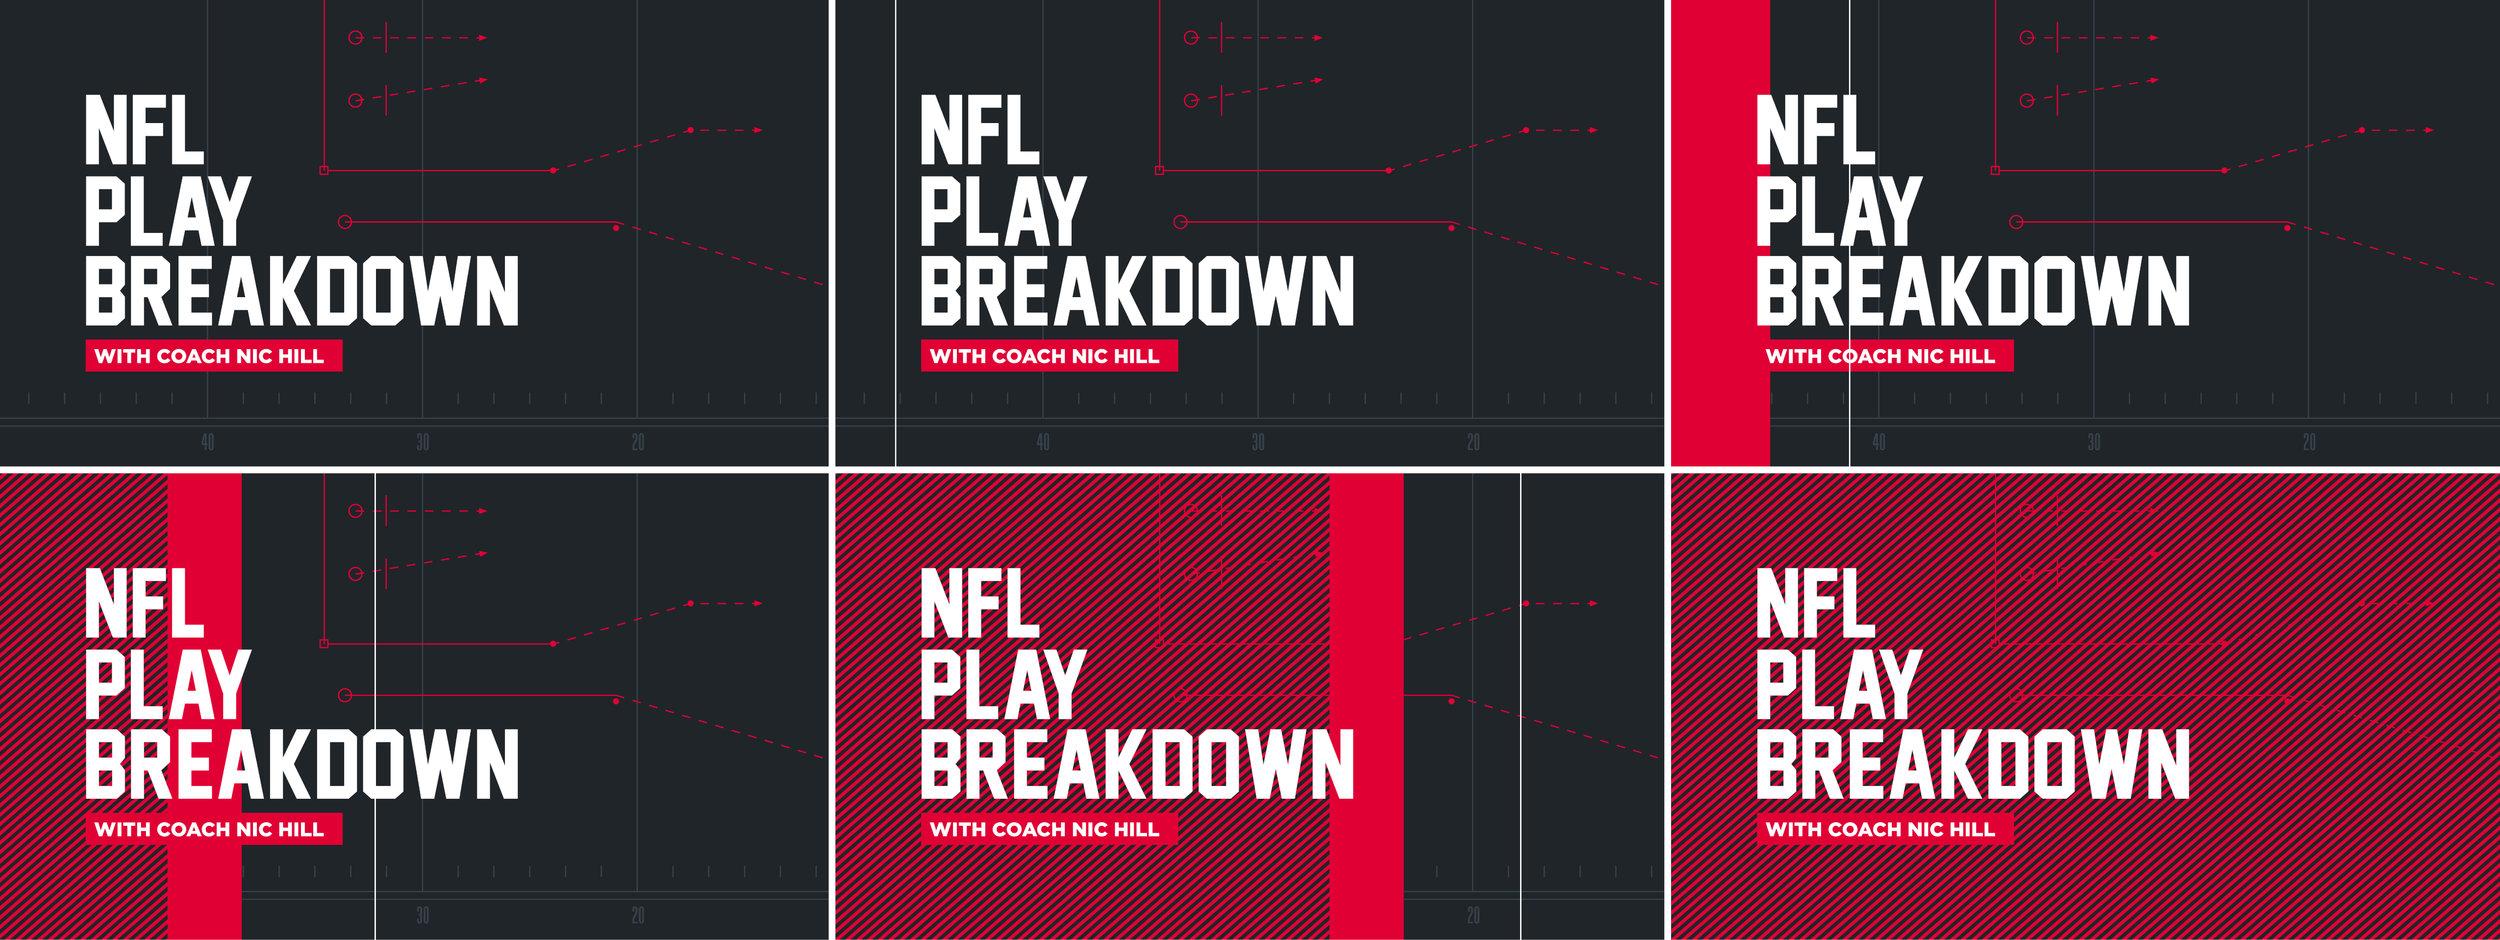 EXOS_PlayBreakdown_5sec_Storyboard-01.jpg